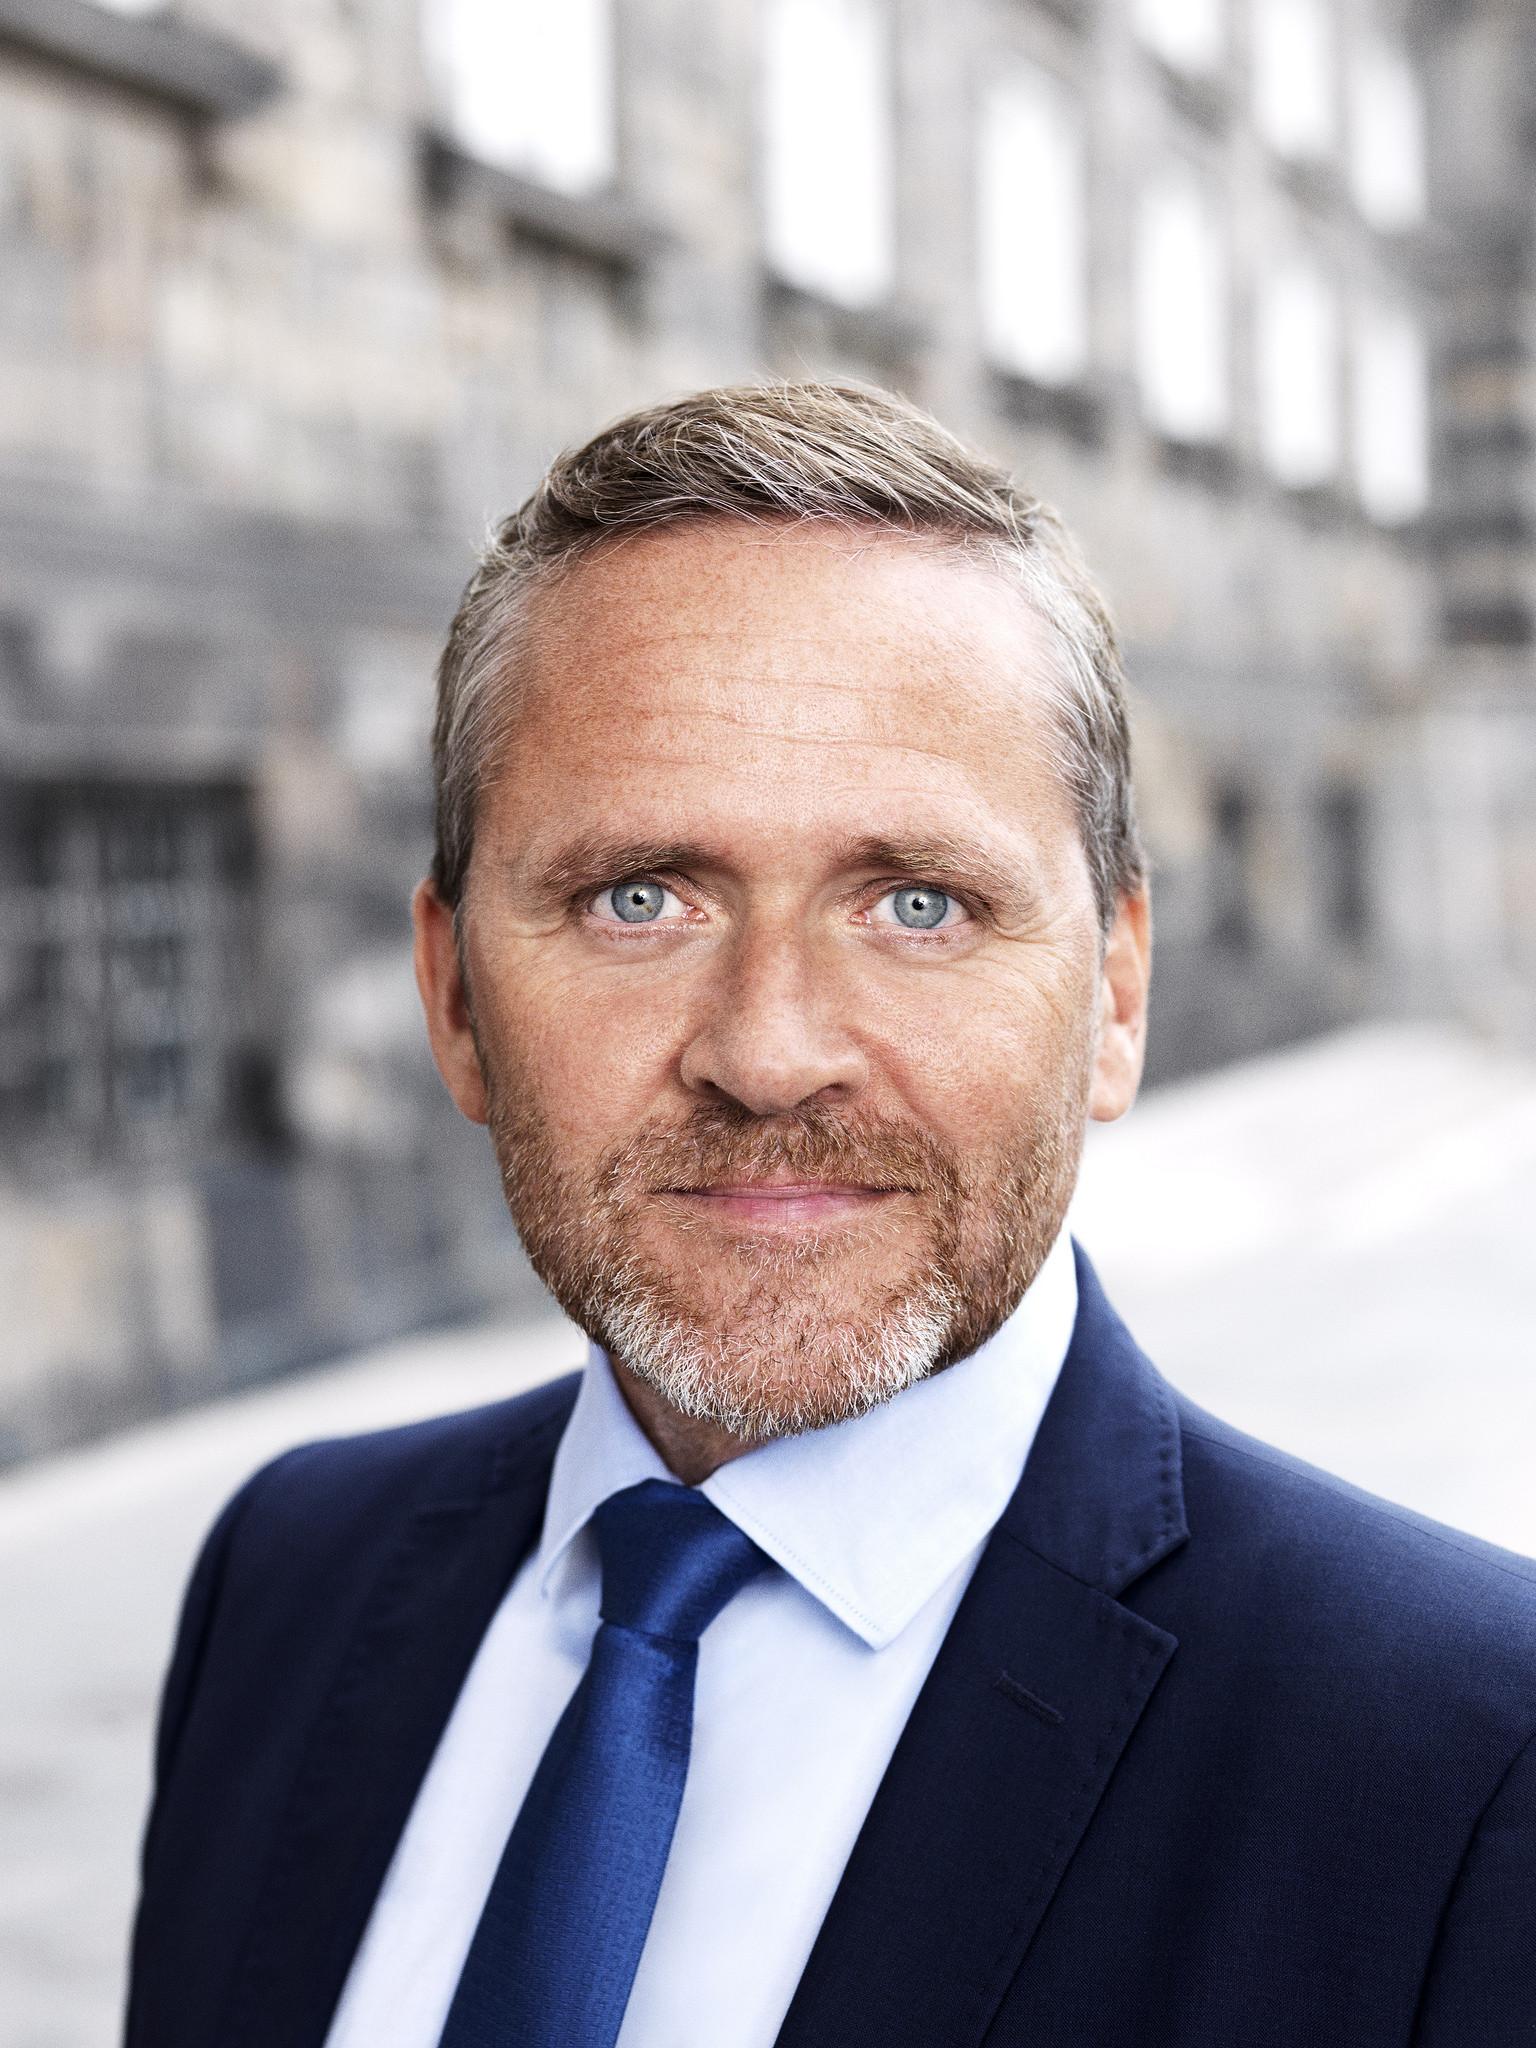 Türkiye'nin Kopenhag Büyükelçisi Danimarka Dışişleri'ne çağırıldı